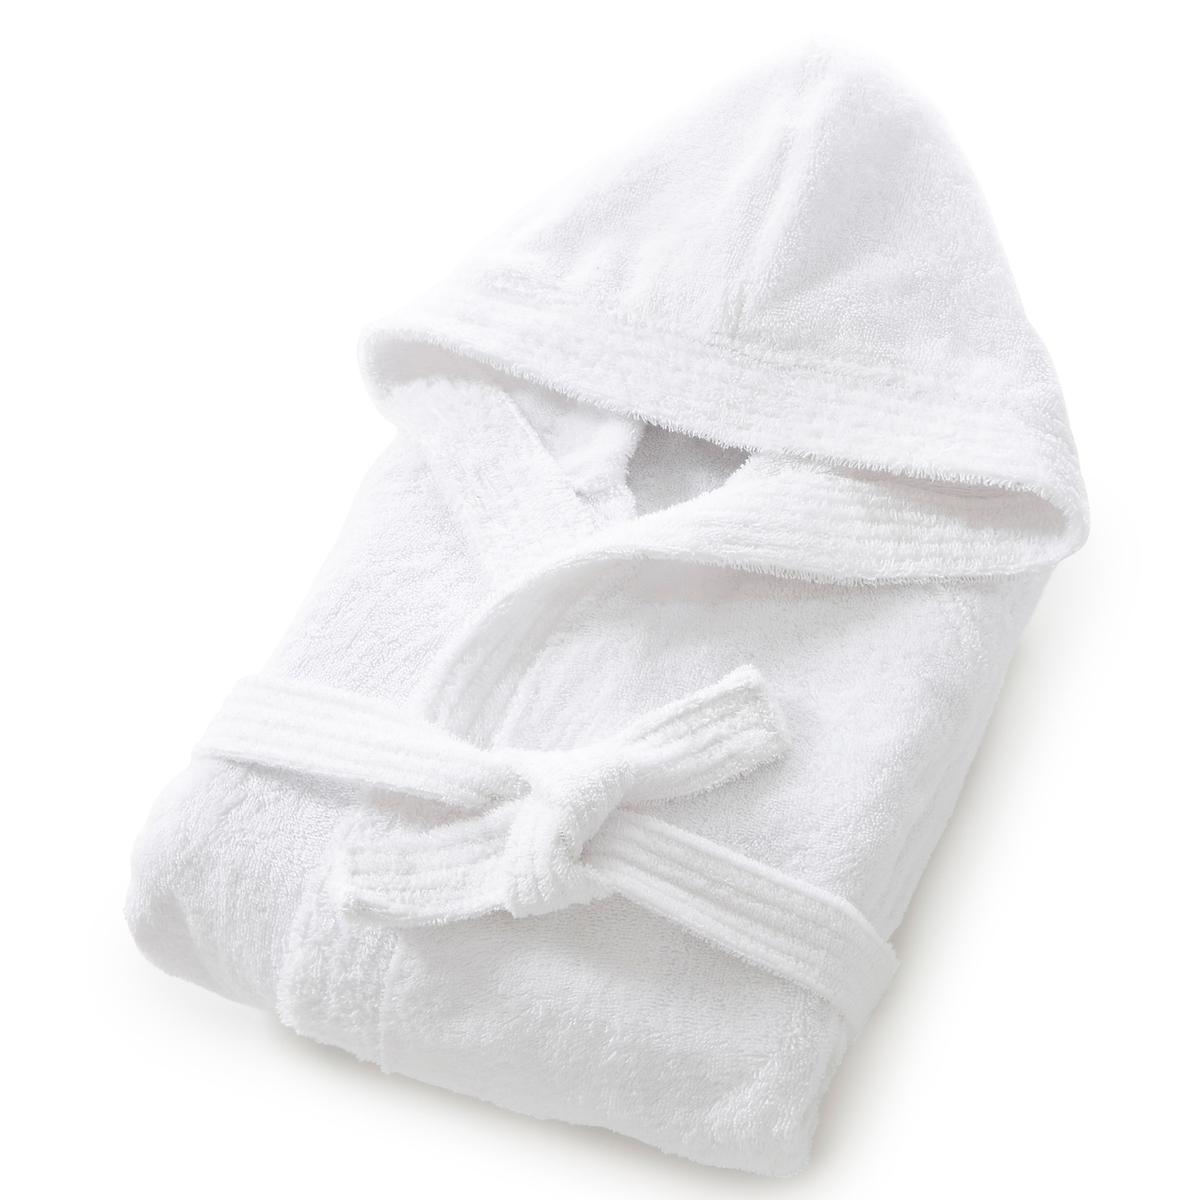 Халат с капюшоном, махровая ткань, 450 г/м?, качество BestХалат с капюшоном из однотонной махровой ткани, 450 g/m? : мягкая махровая ткань букле, тщательная отделка и исключительная впитывающая способность. Халат представлен в красивой гамме расцветок.Характеристики халата с капюшоном из махровой ткани :Высококачественная махровая ткань, 100% хлопок, 450 г/м?.Капюшон, рукава реглан, 2 кармана с прострочкой, пояс со шлевками.Длина 110-113 см.Материал долго сохраняет мягкость и прочность. Превосходная стойкость цвета после стирки при 60 °C.Машинная сушка.<br><br>Цвет: белый,зелено-синий,розовая пудра,светло-синий,Серо-синий,синий морской,темно-серый,фиолетовый,шафран<br>Размер: 34/36 (FR) - 40/42 (RUS).42/44 (FR) - 48/50 (RUS)